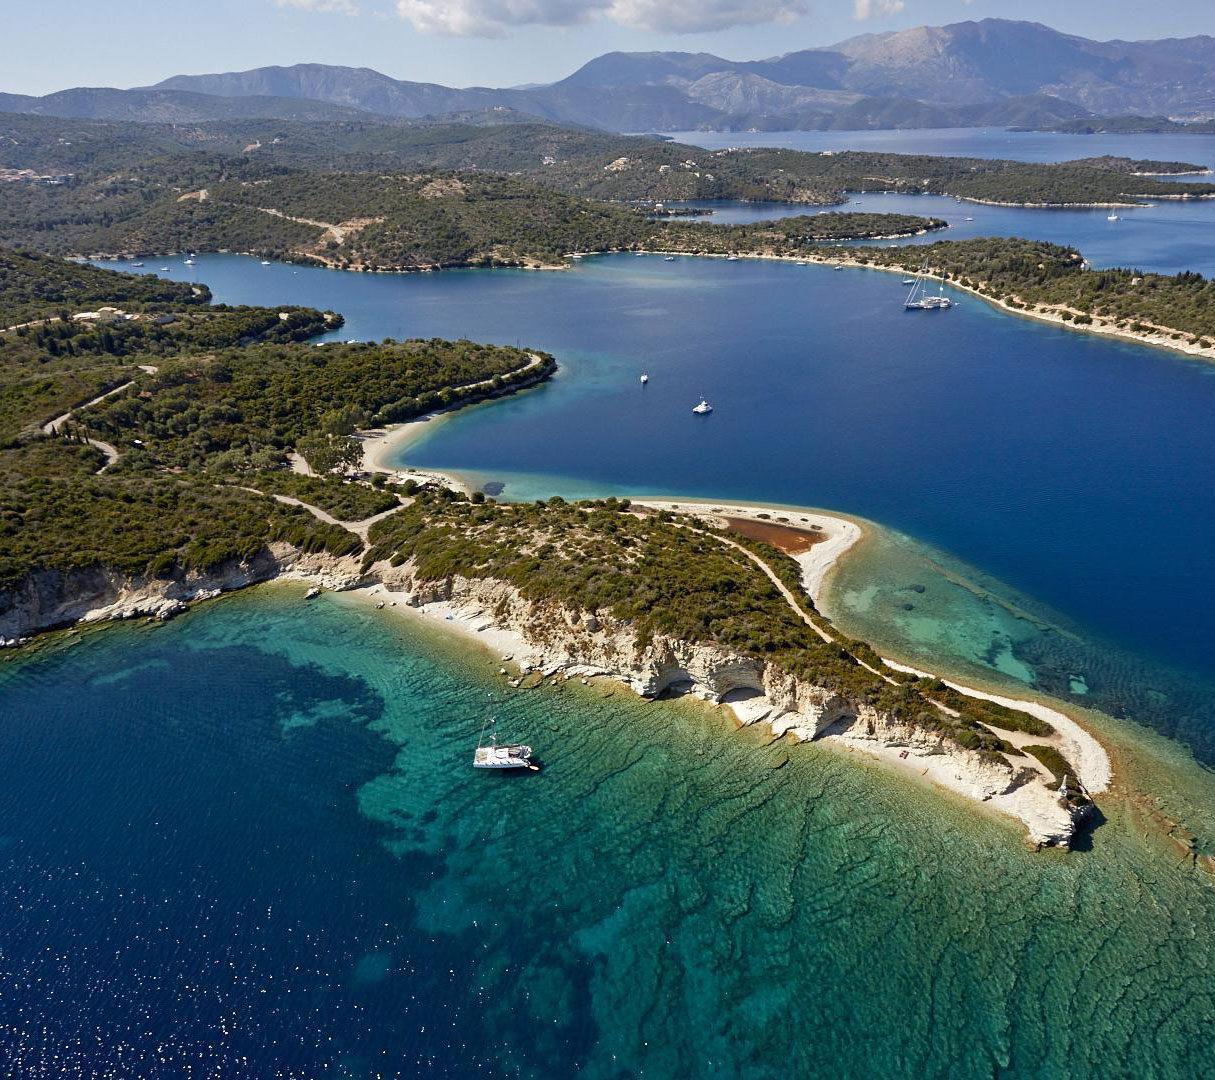 شرایط اقلیمی و آب و هوا یونان